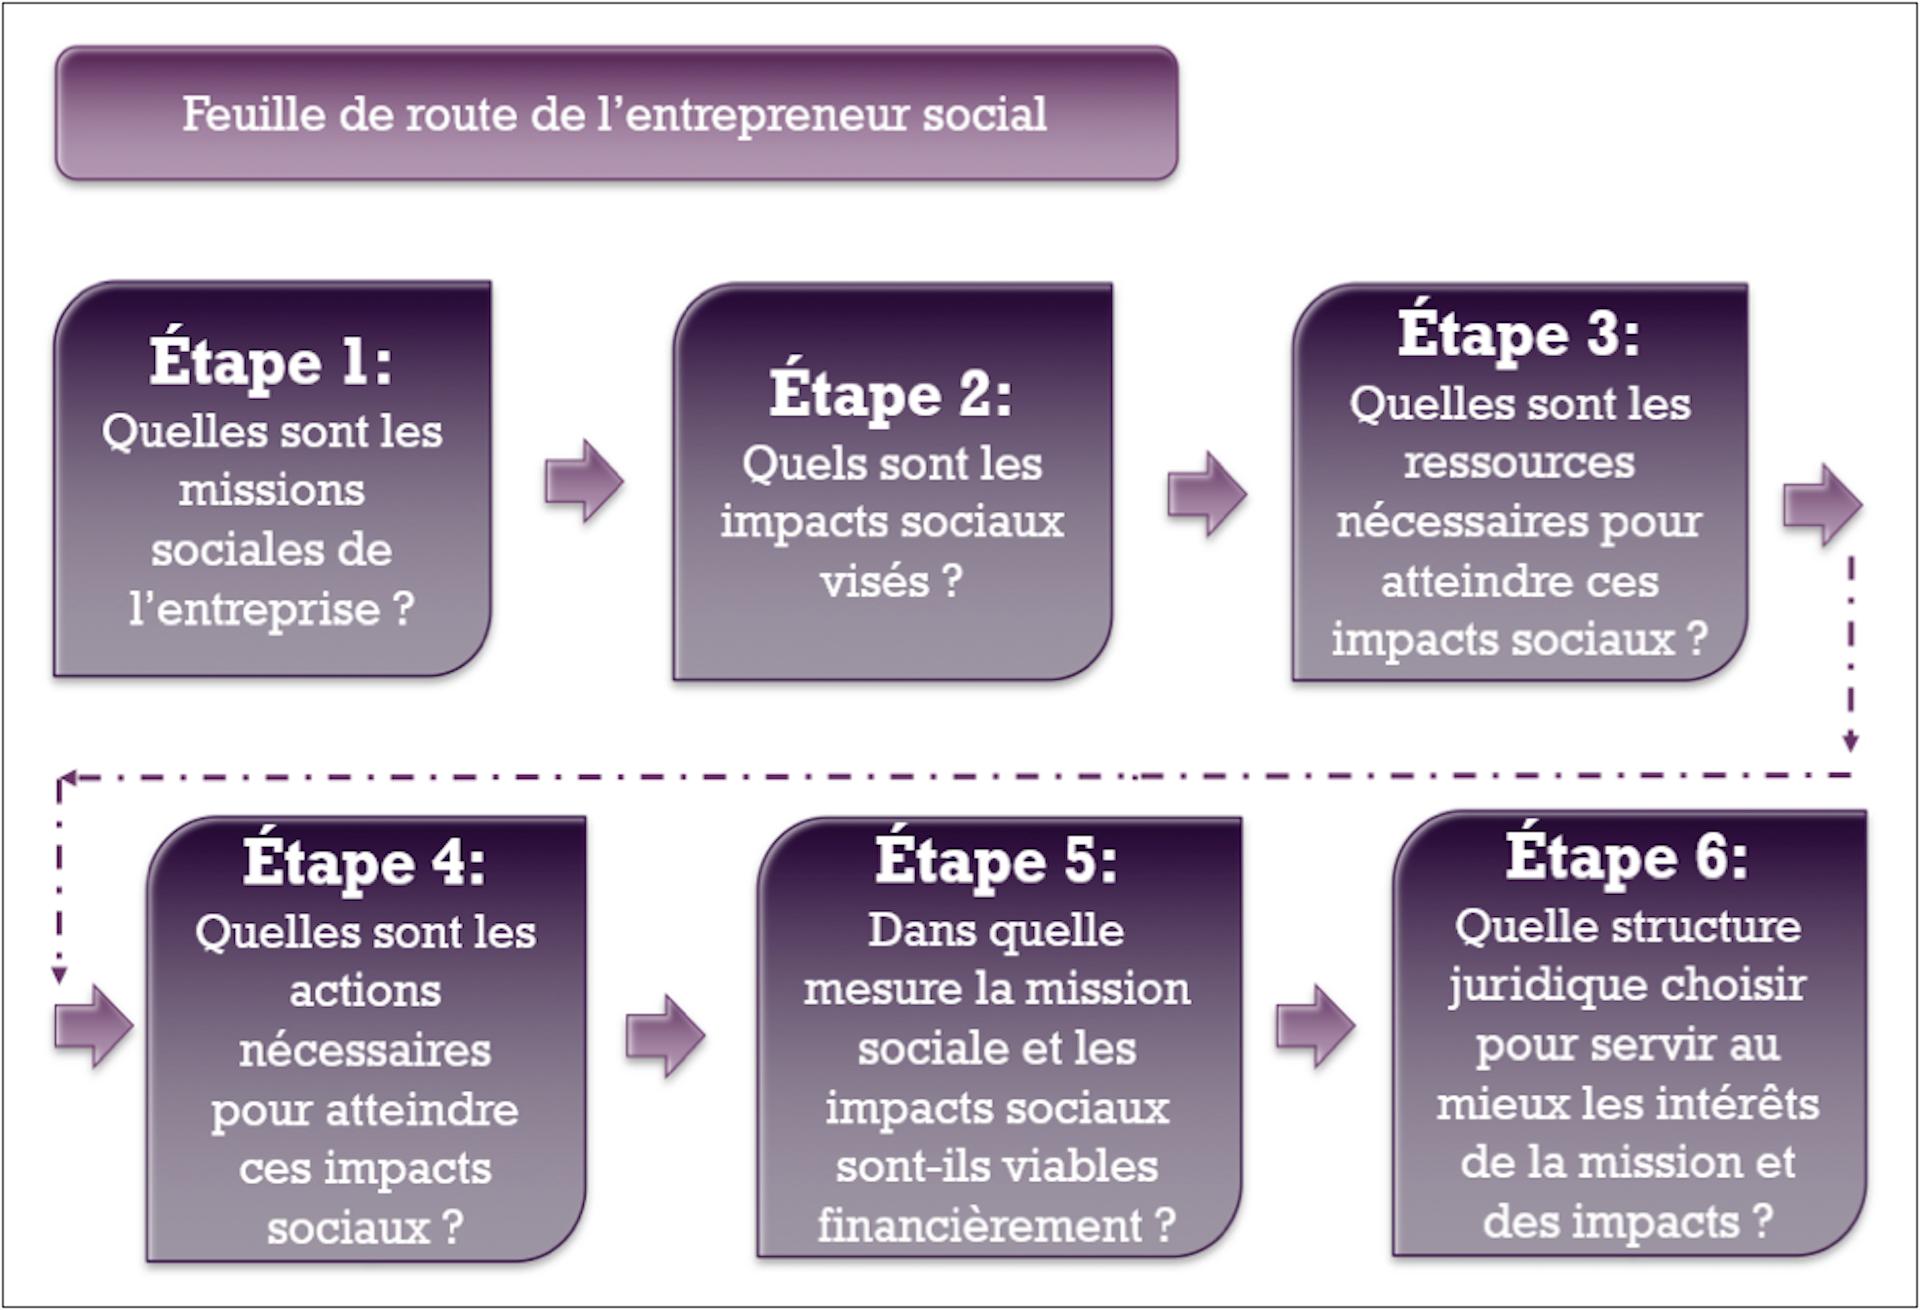 Quel modèle pour lancer son entreprise sociale ?